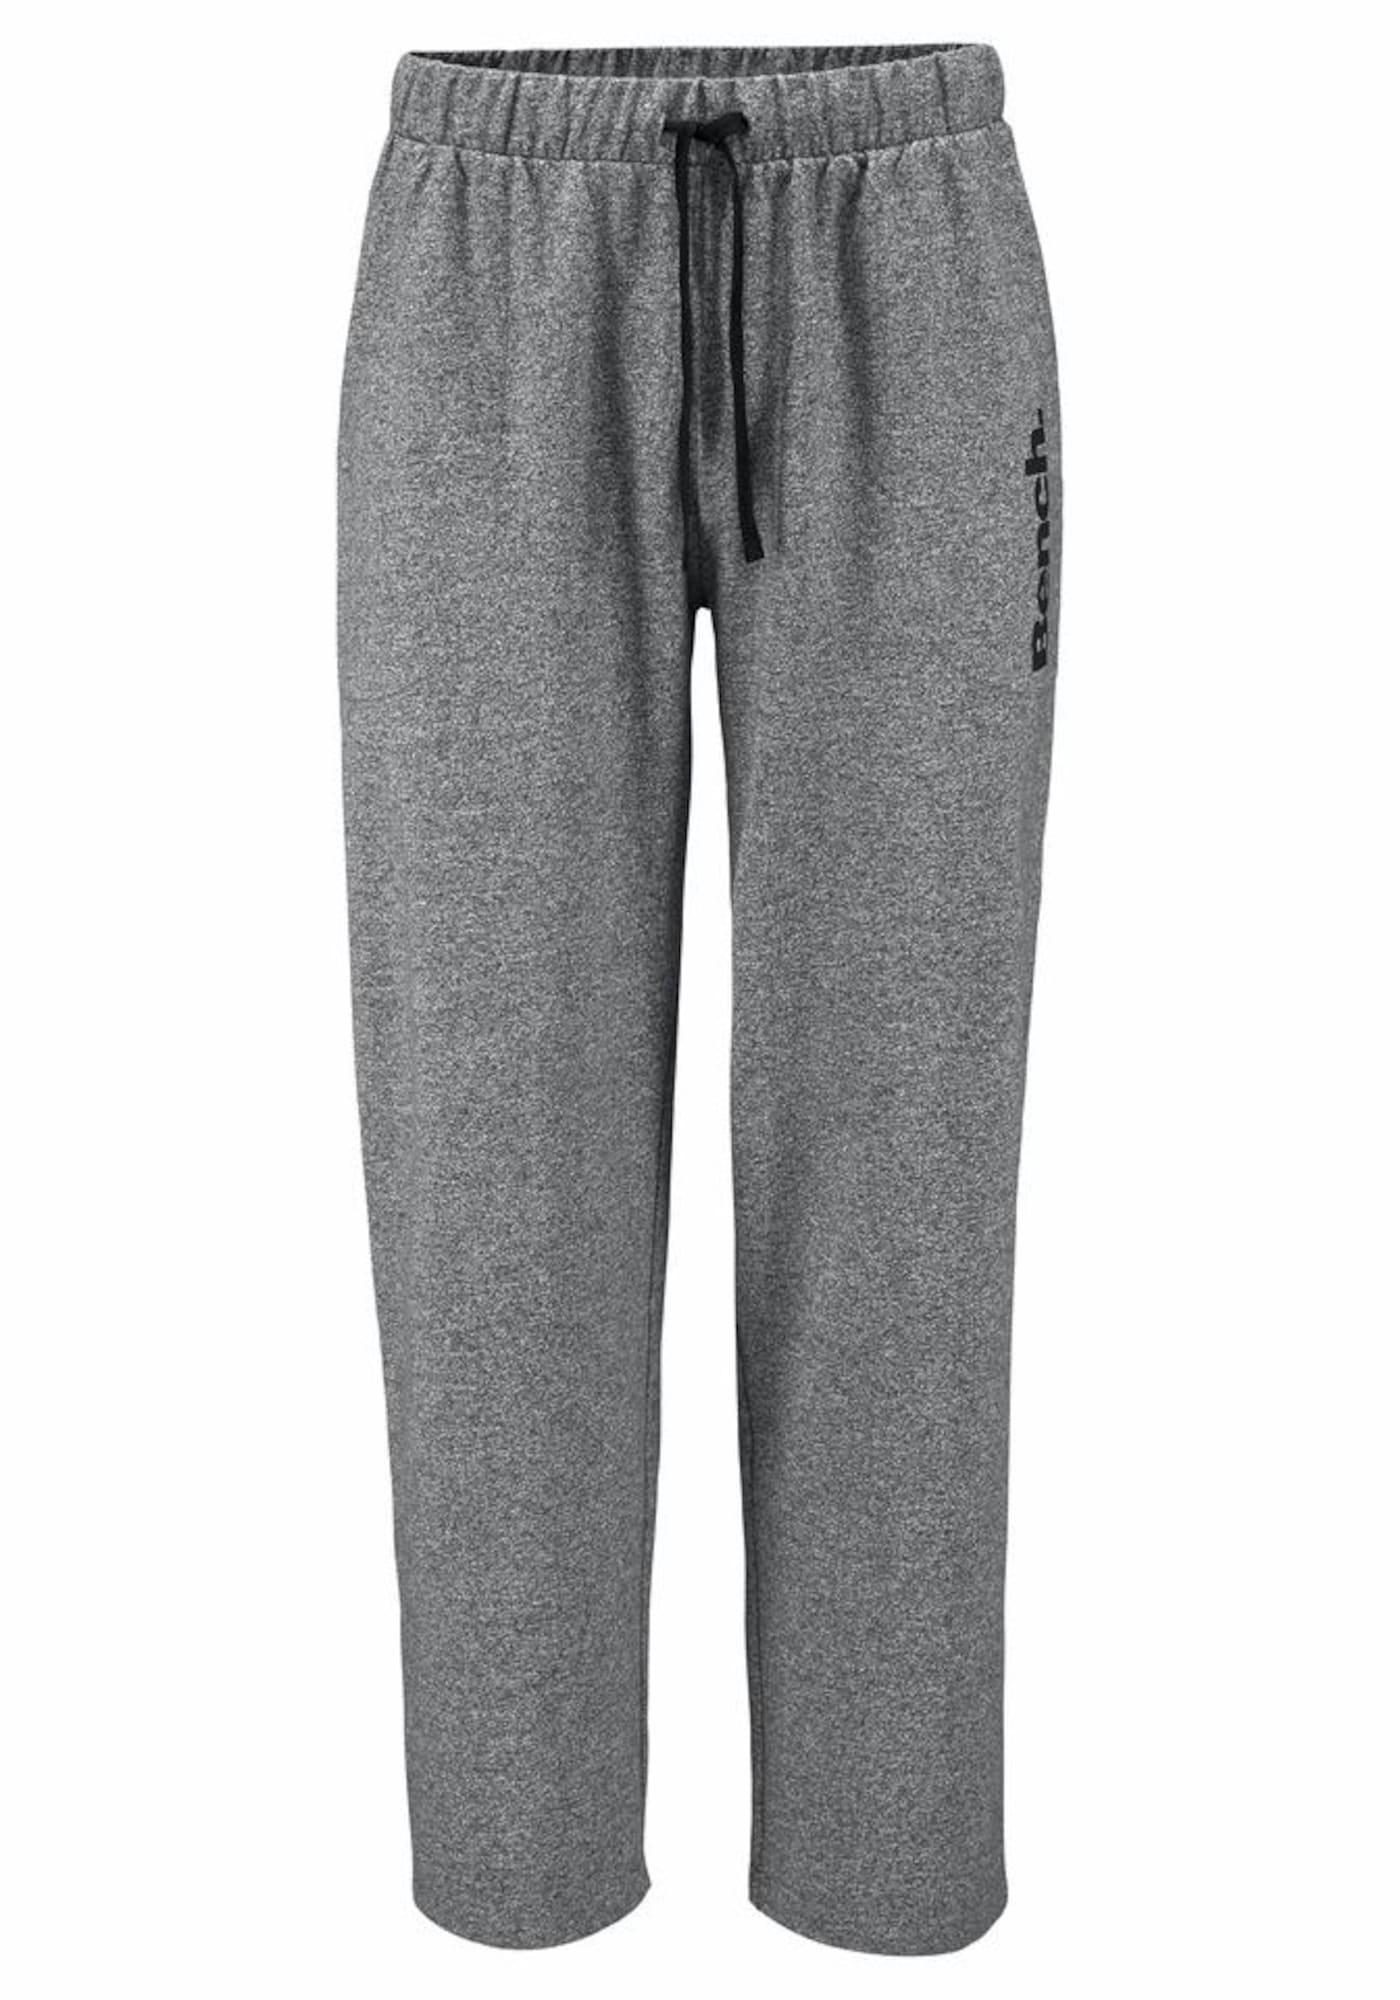 BENCH Pižaminės kelnės margai pilka